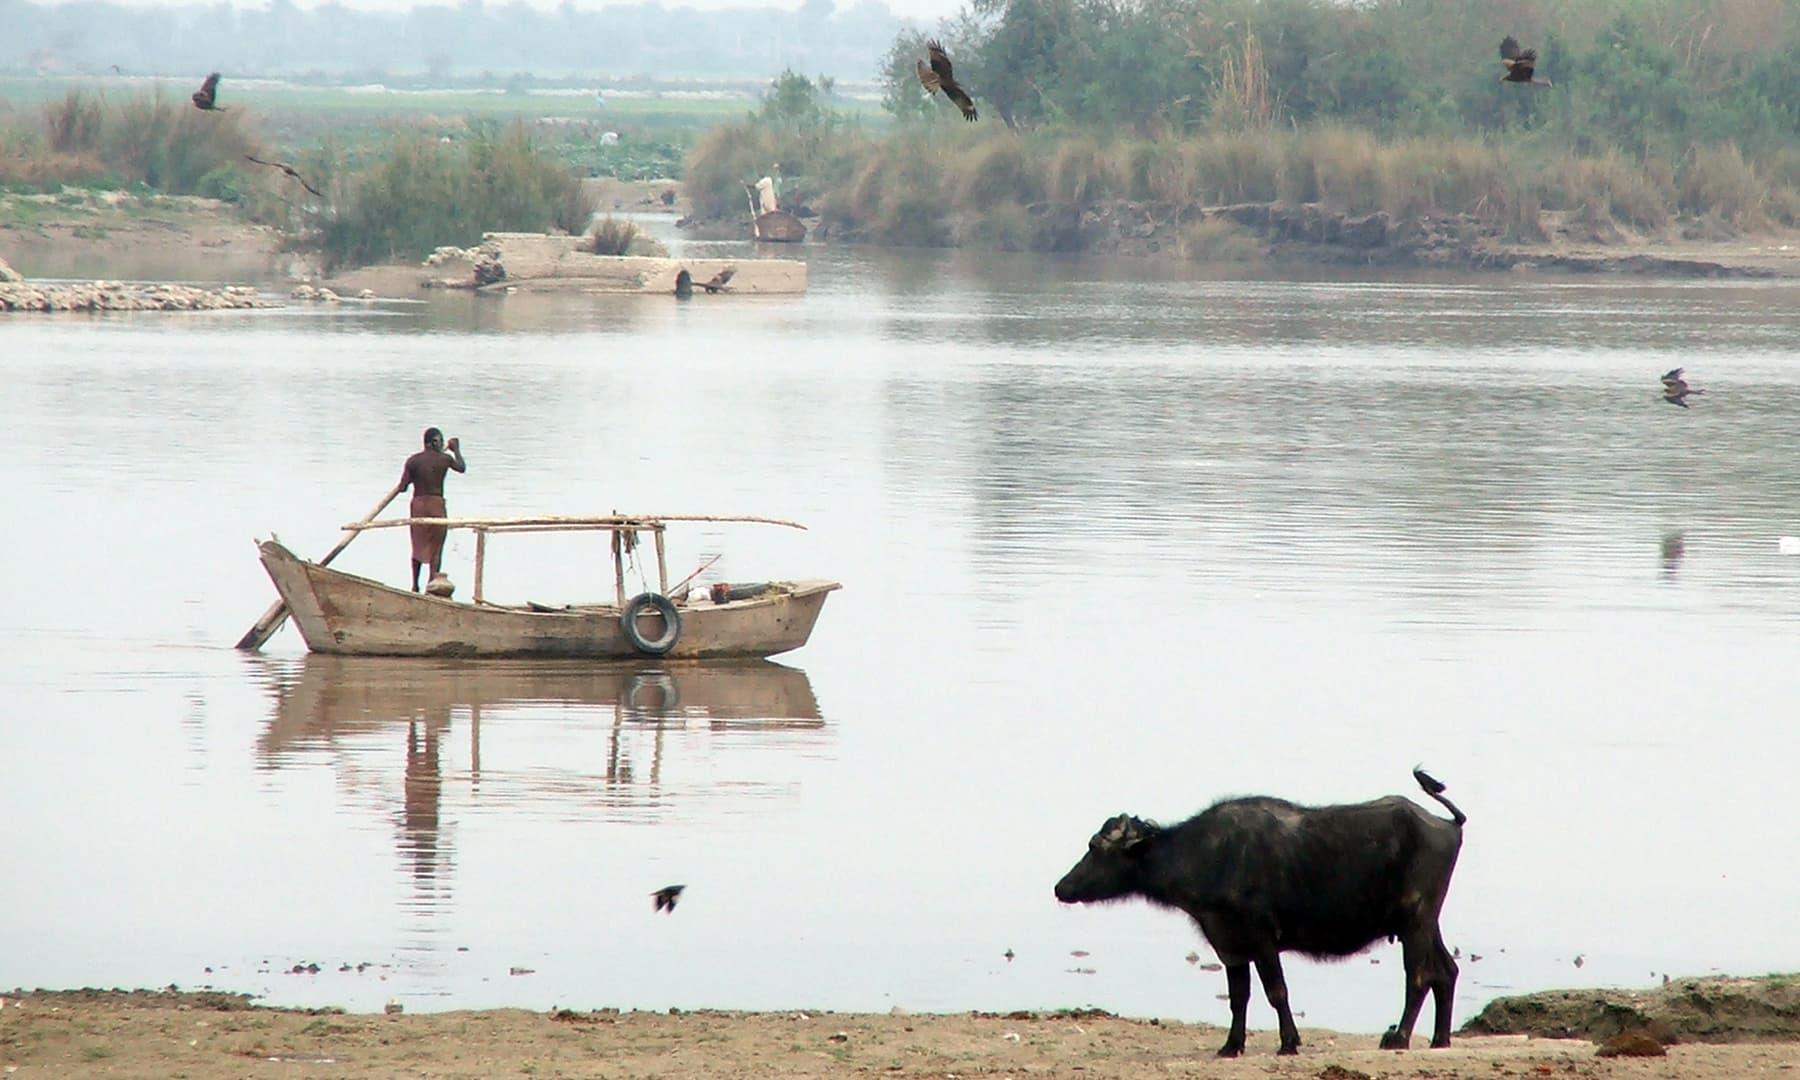 لینس ڈاؤن برج سے دریائے سندھ کا منظر